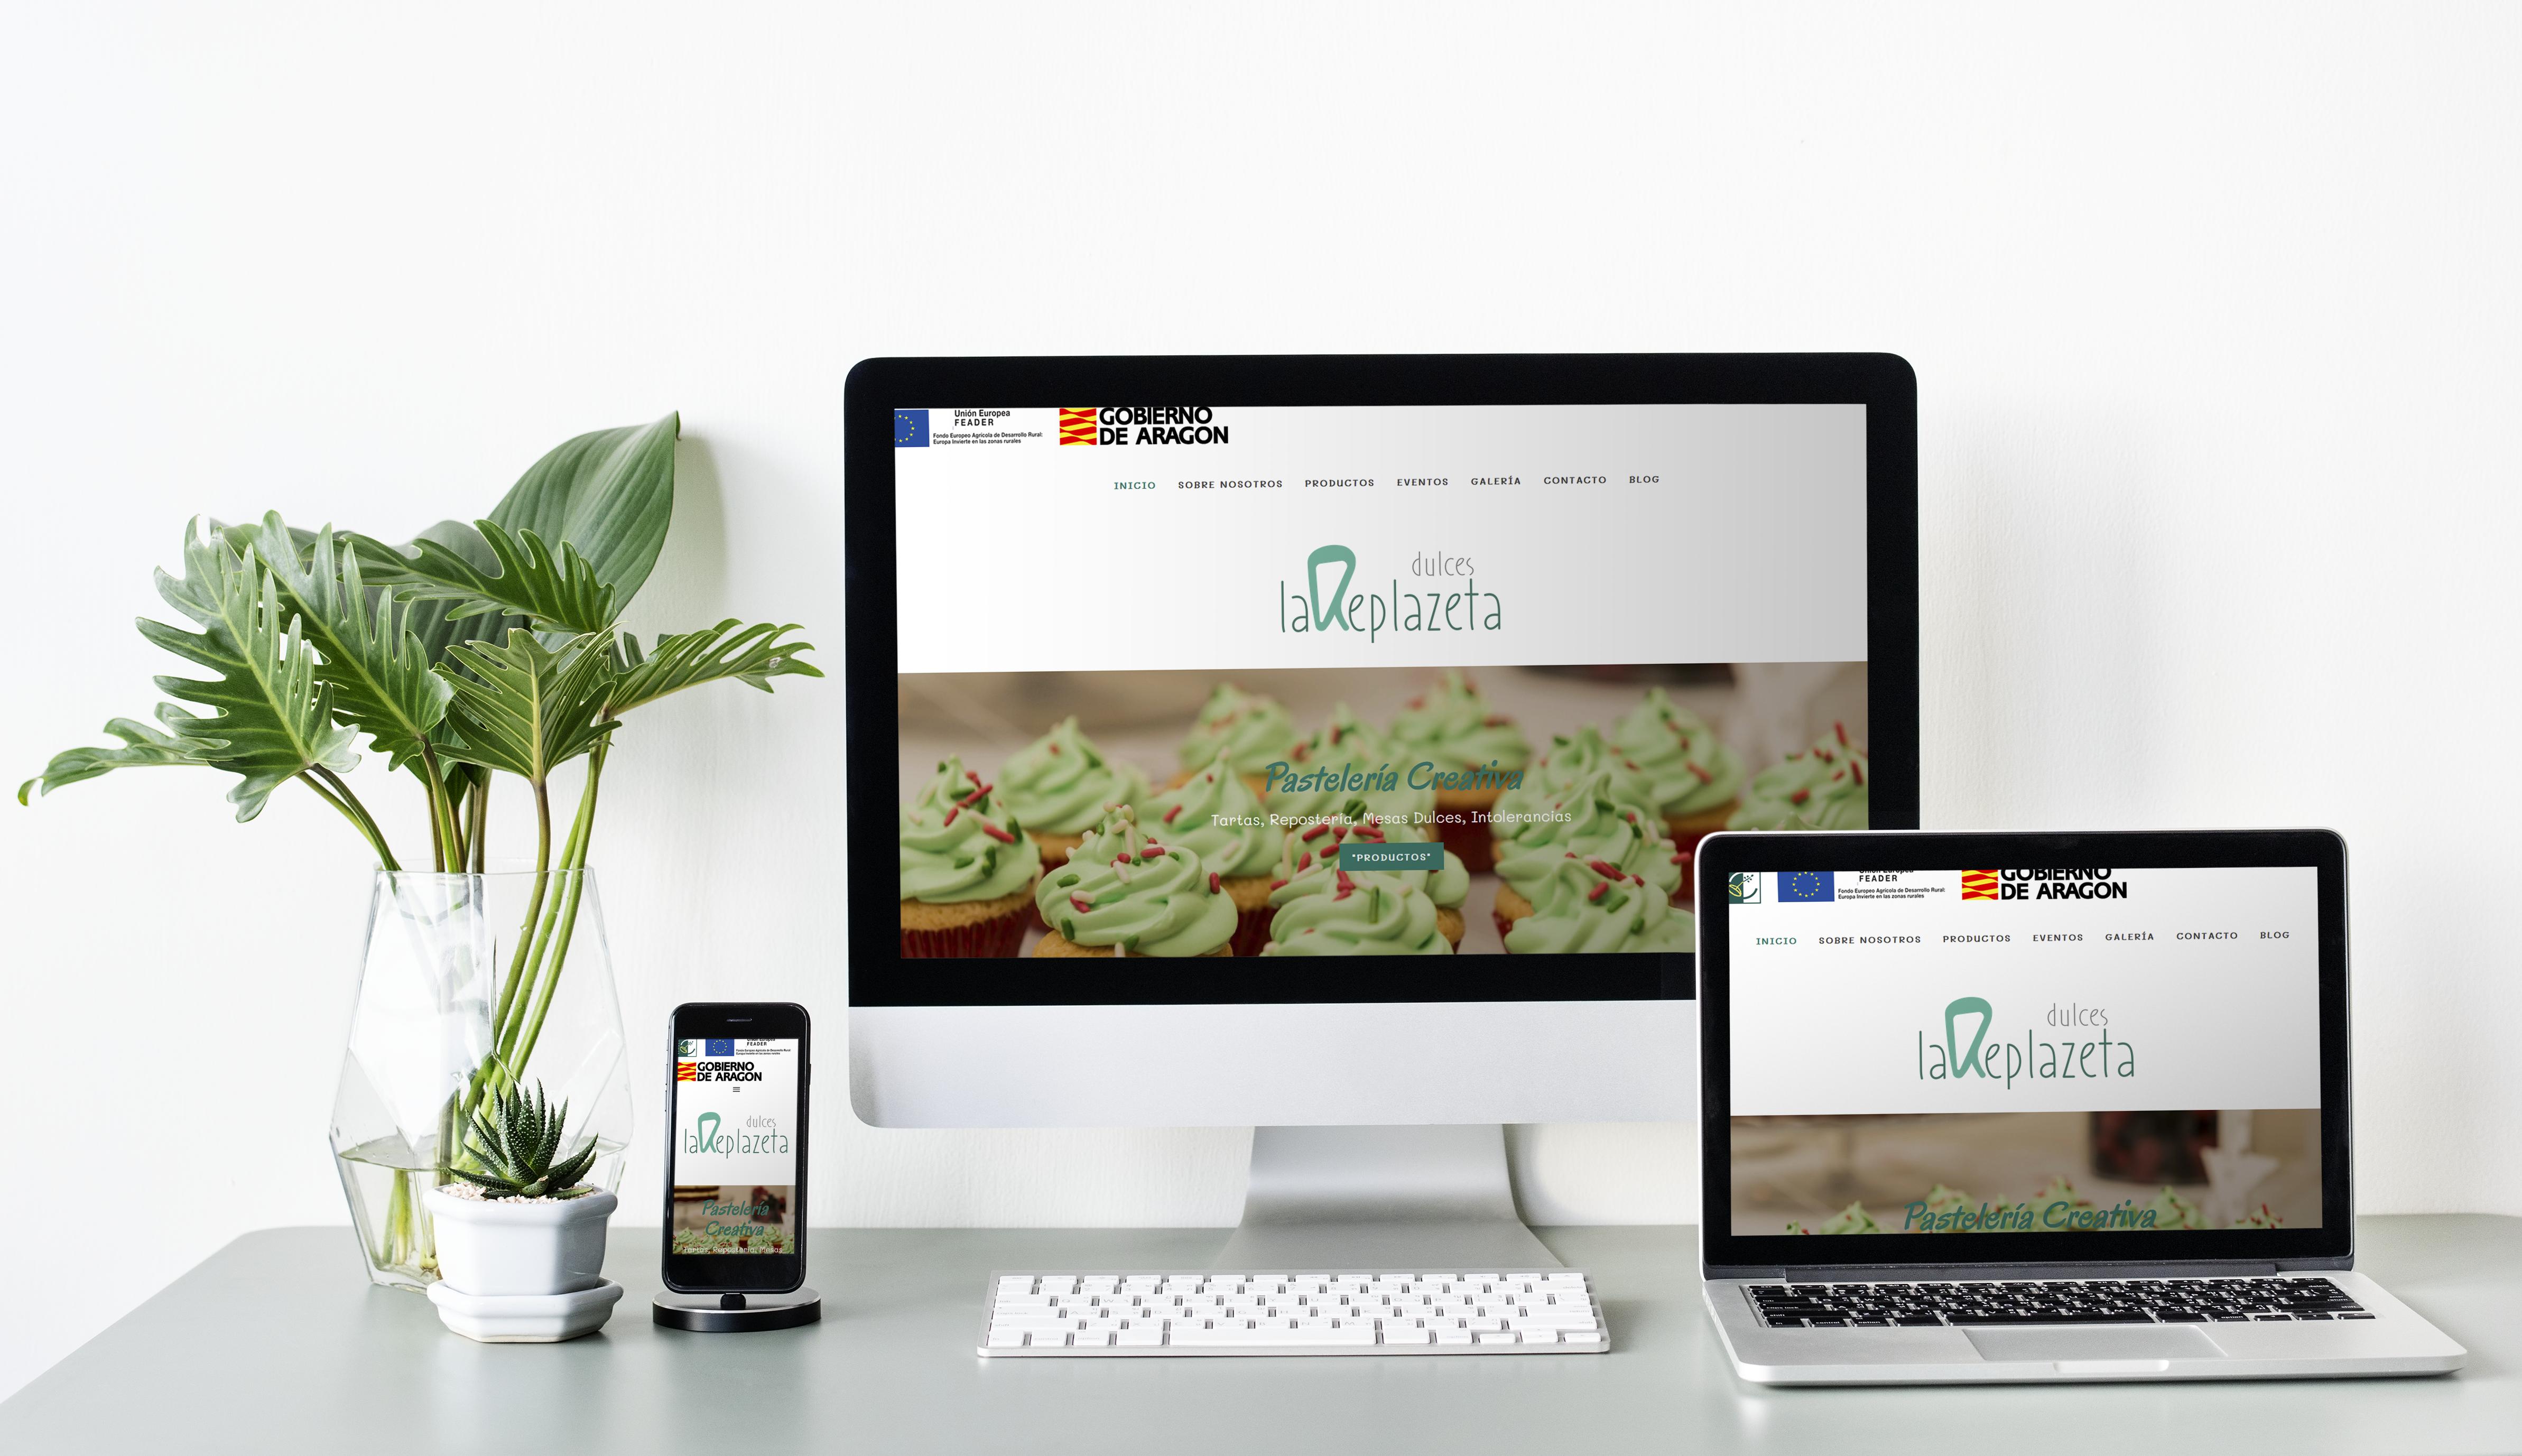 Diseño web Dulces la Replazeta